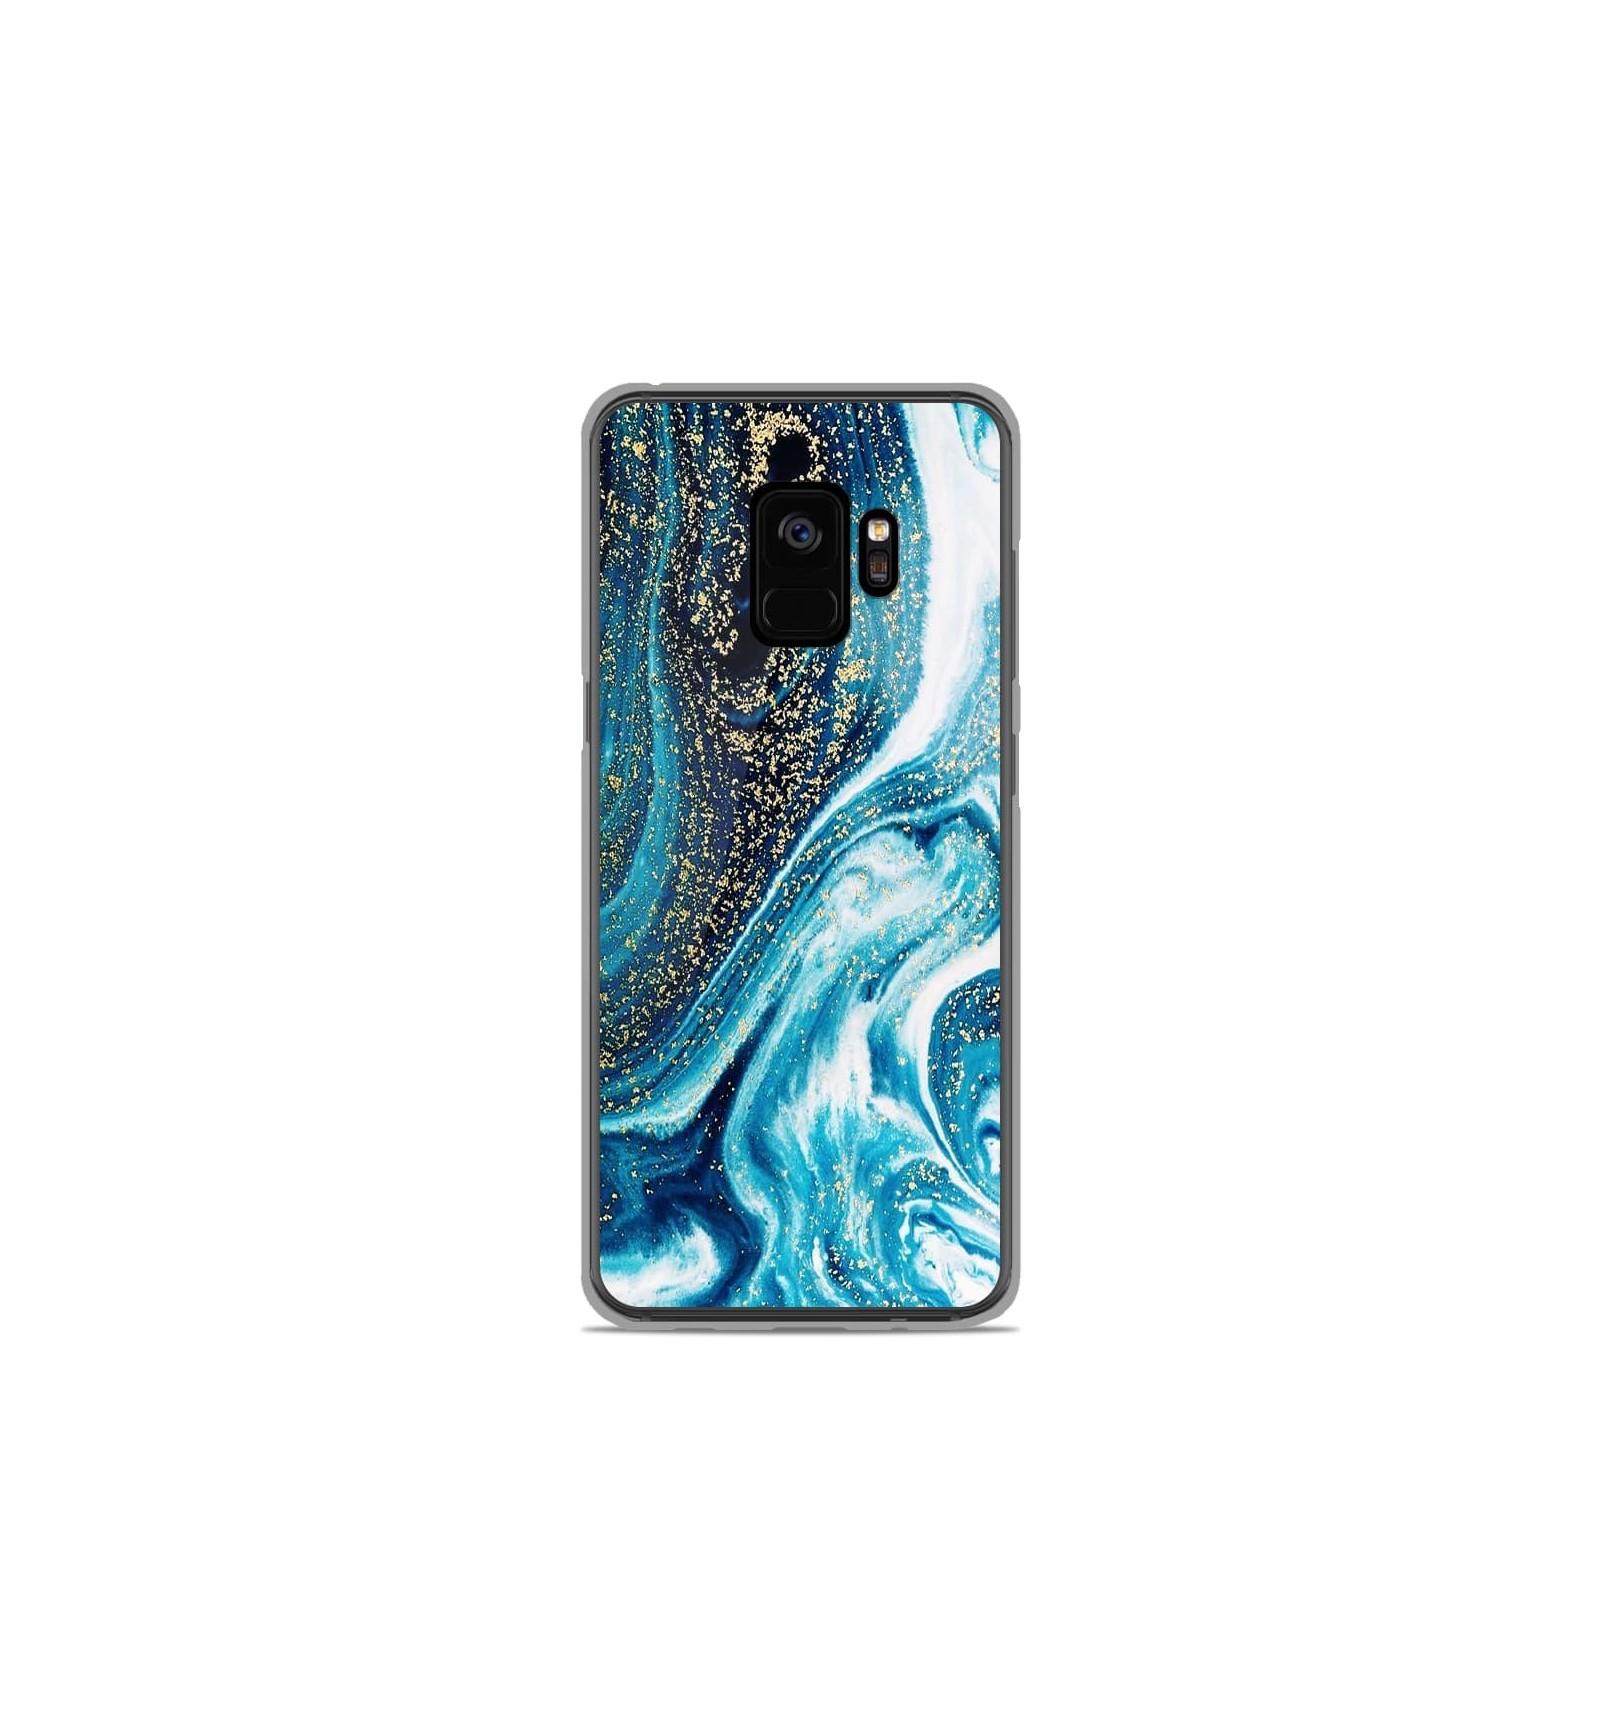 Coque en silicone Samsung Galaxy S9 - Marbre Bleu Pailleté